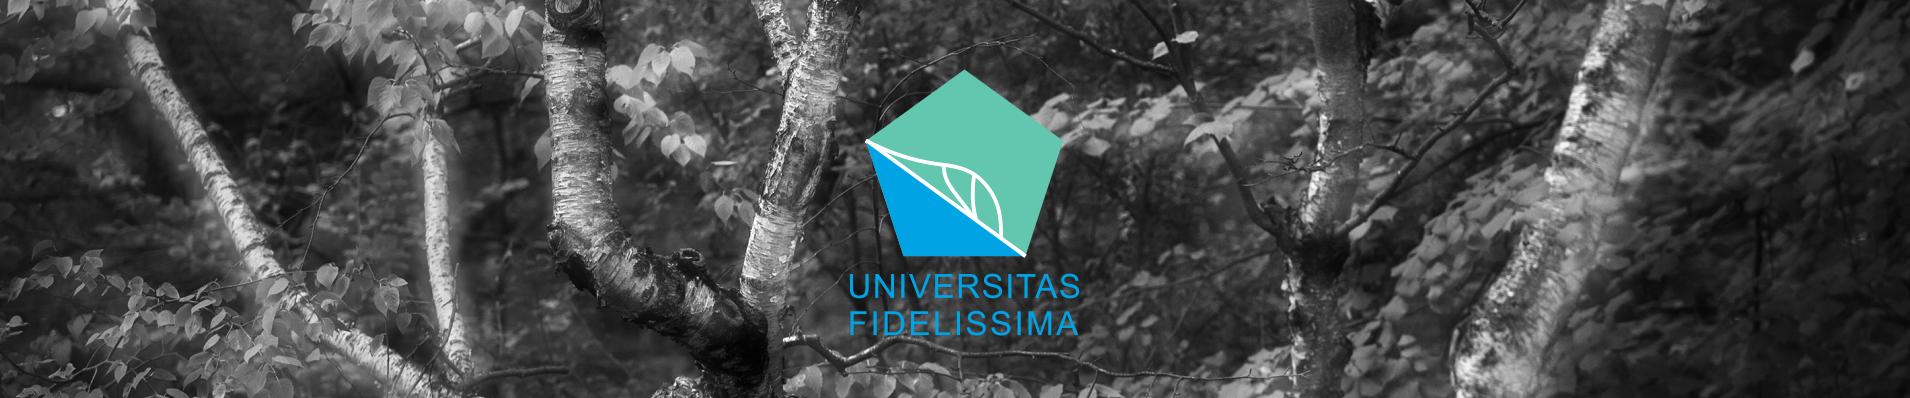 UNIVERSITAS FIDELISSIMA KFT.